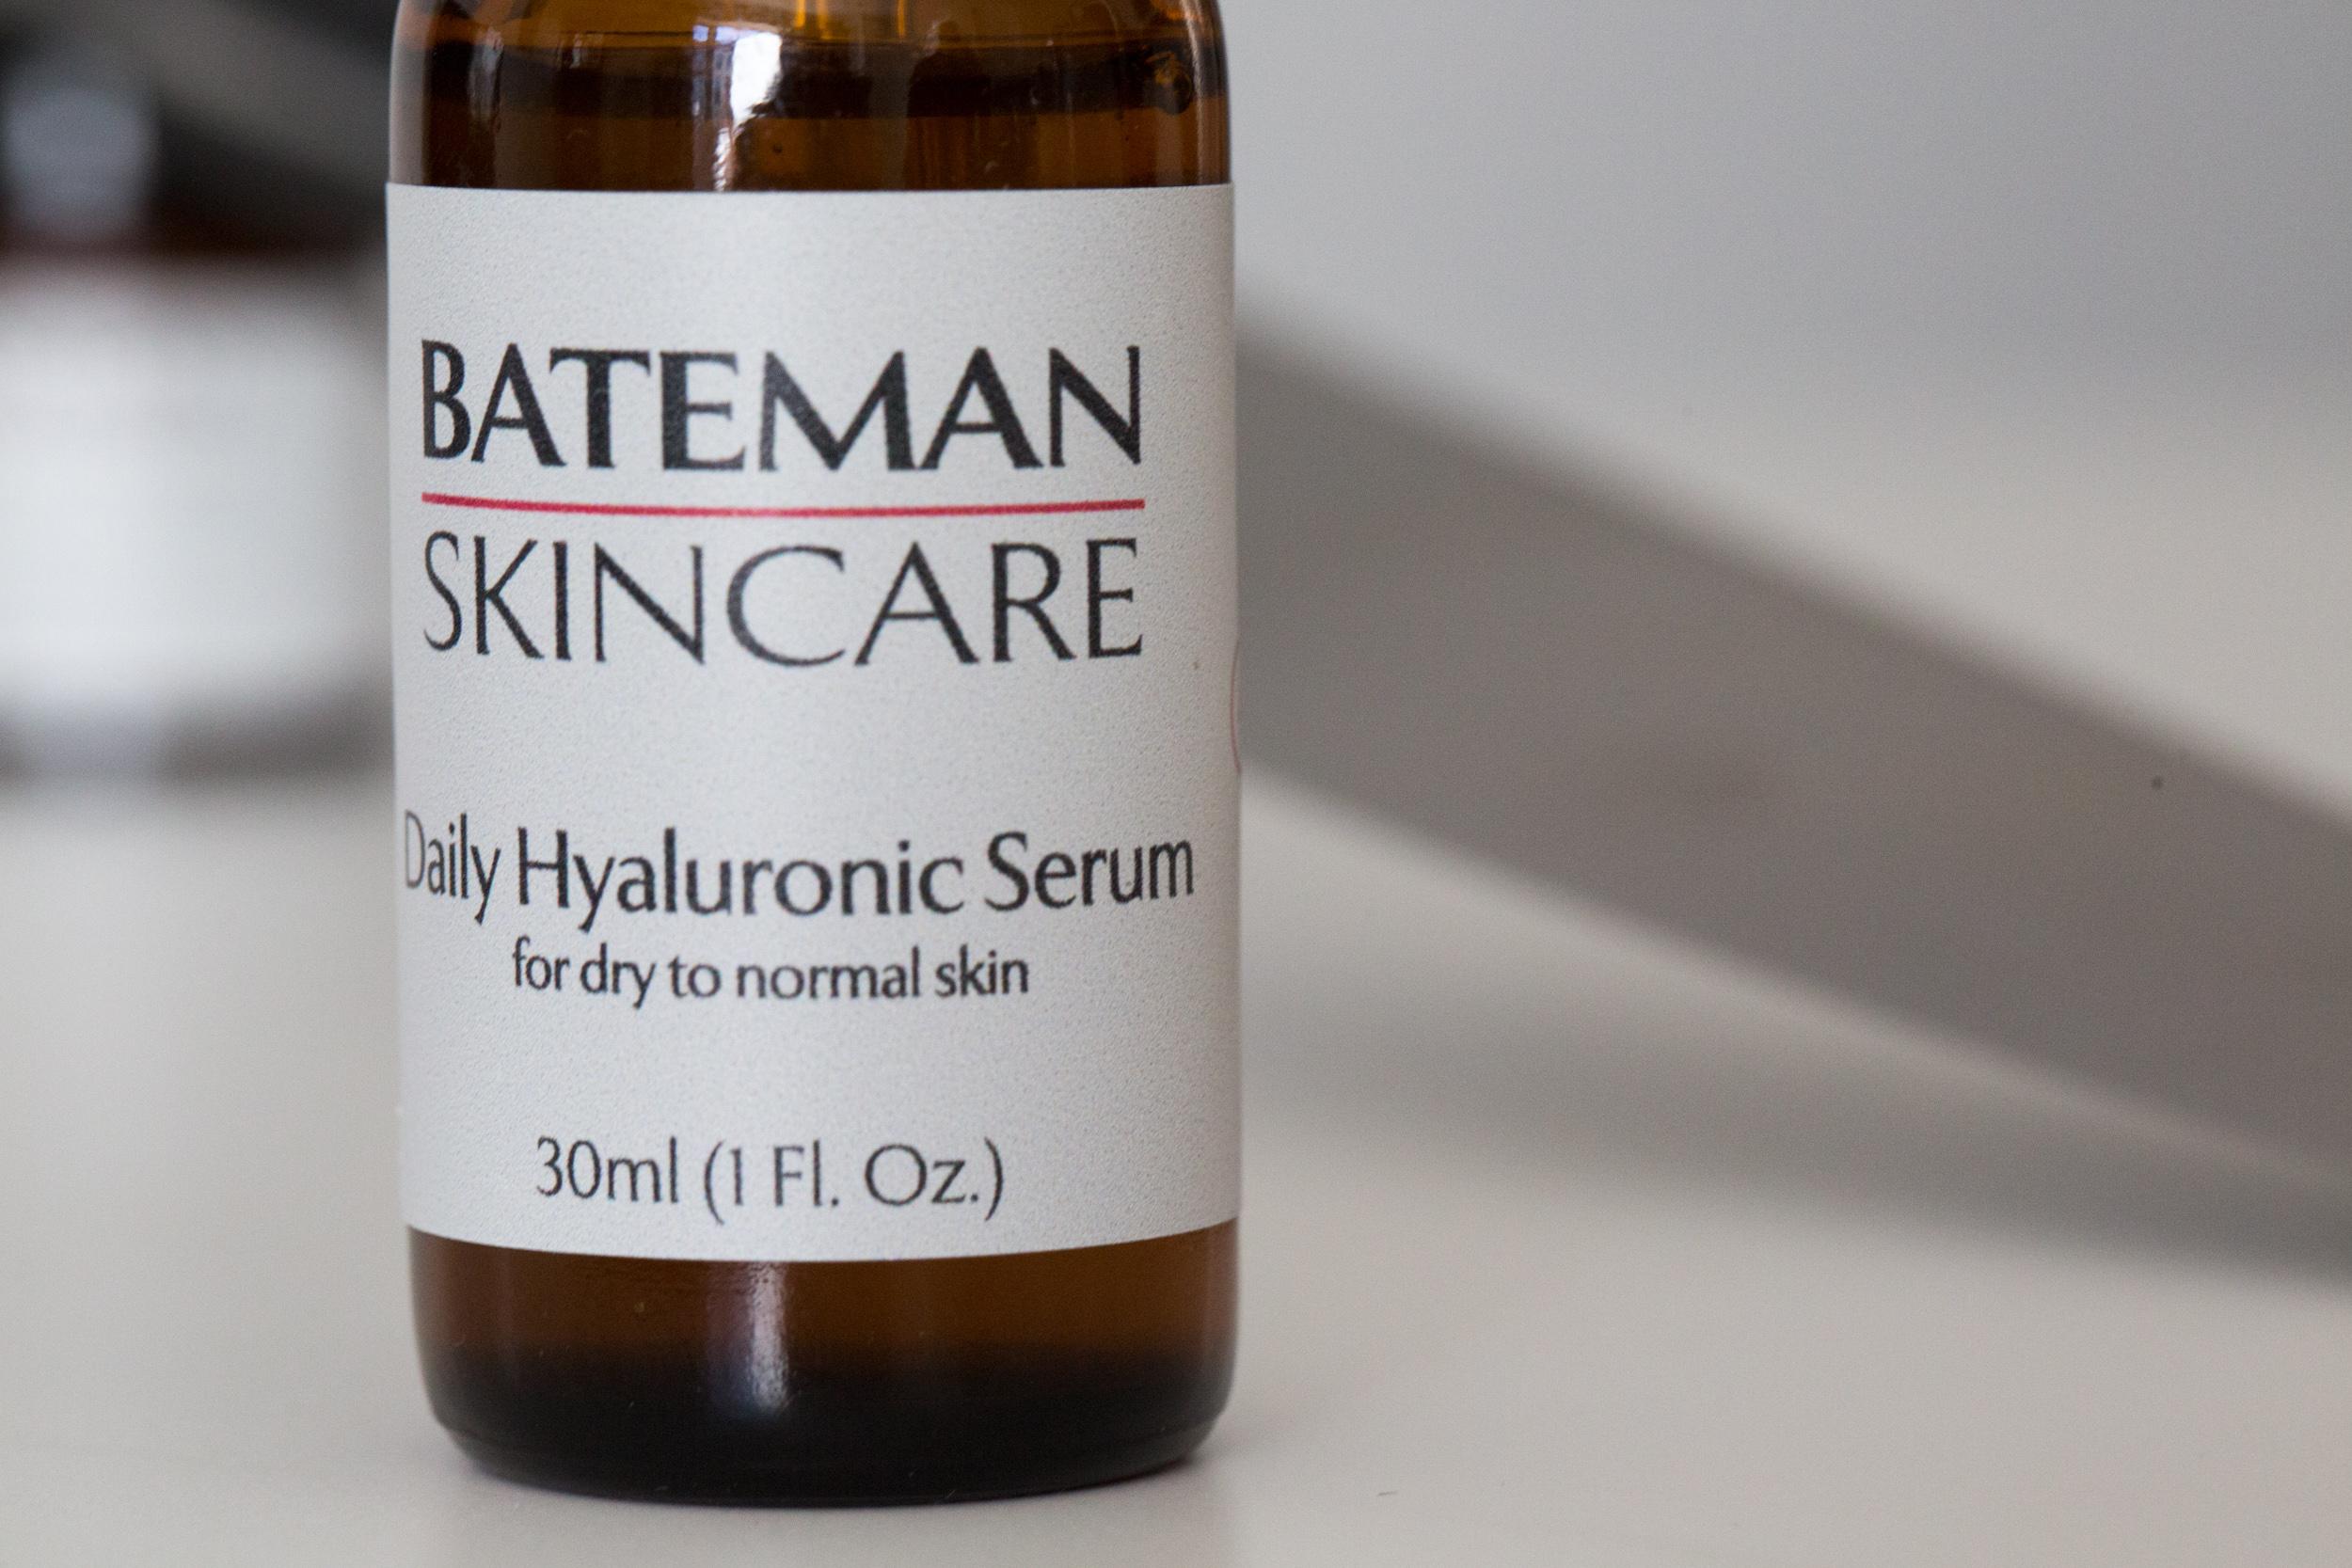 bateman skin care day 1-1158.jpg